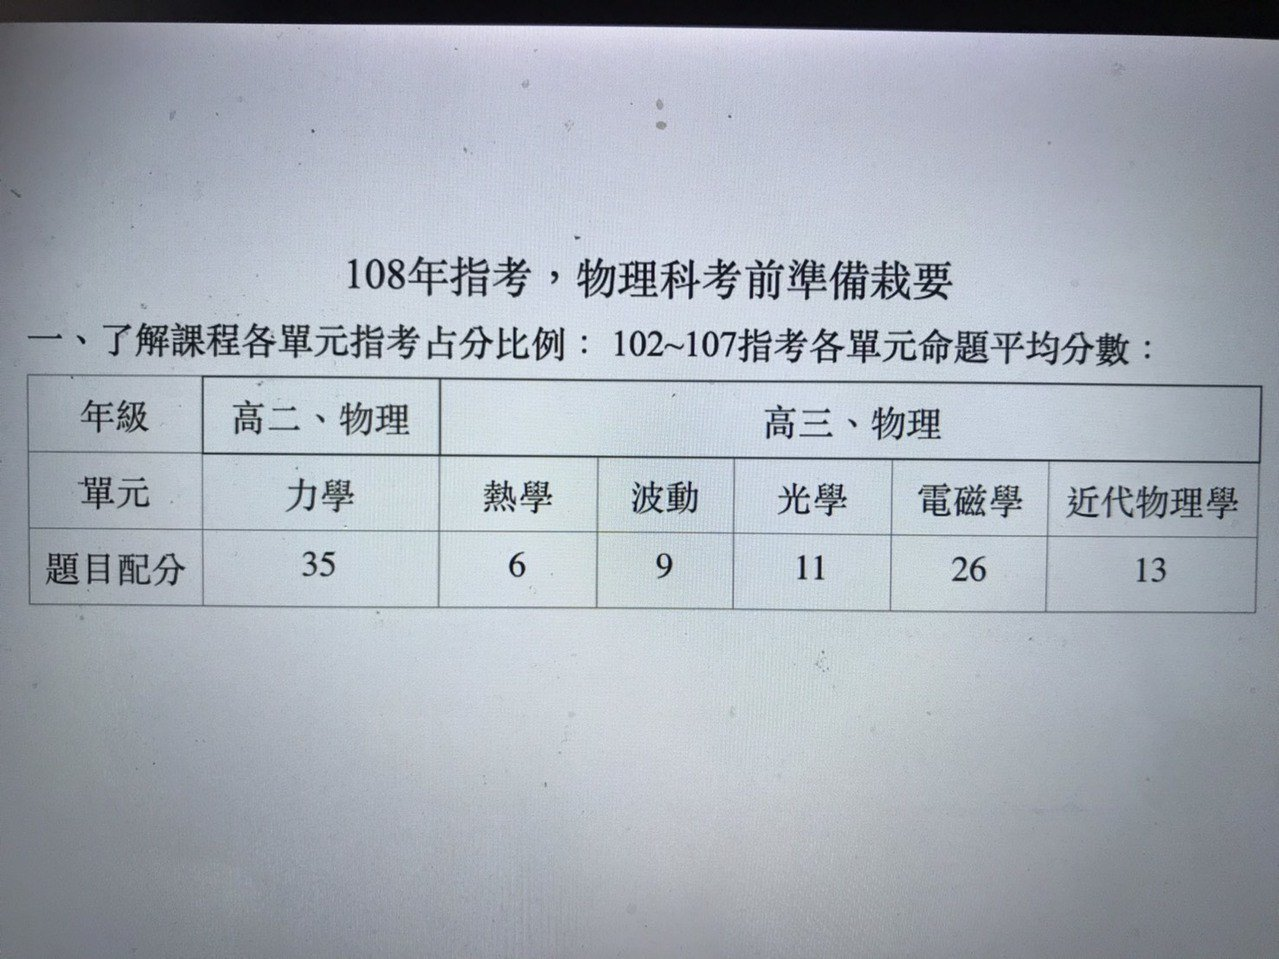 指考物理科各單元命題平均分數。(台北市和平高中物理教師郭鴻典整理)